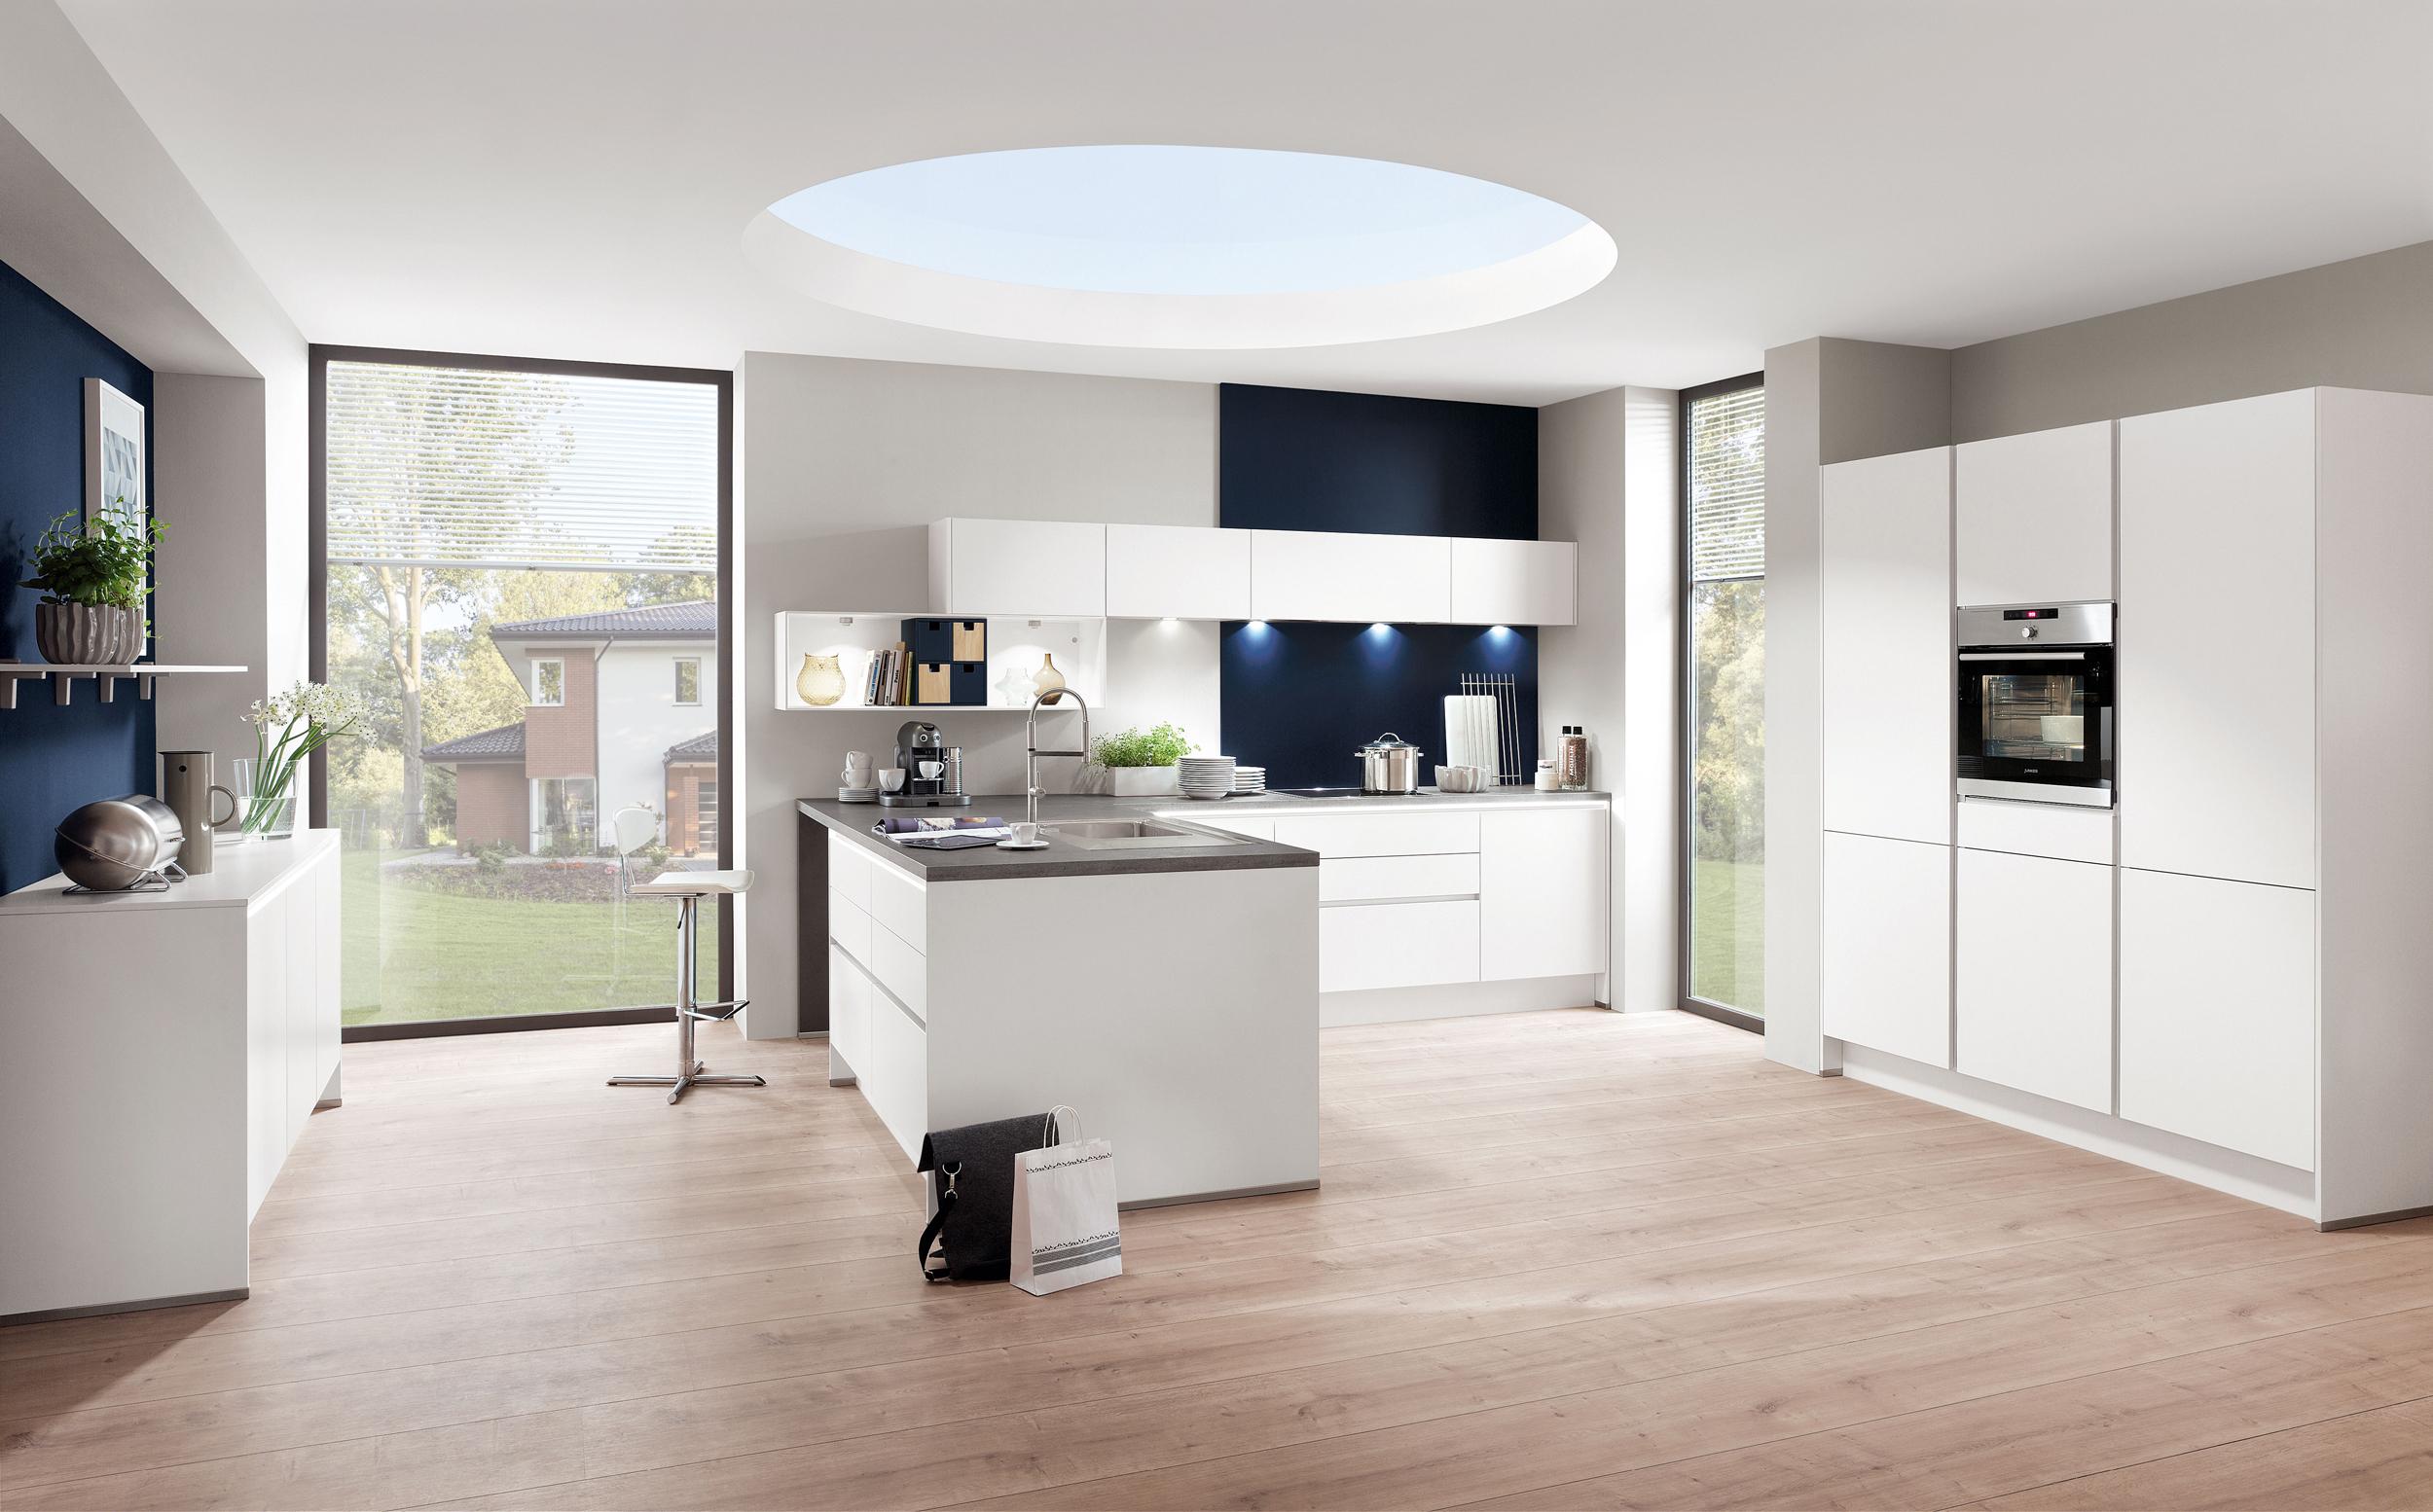 Luxe Keuken Kopen : Italiaanse design keuken – GH keukens